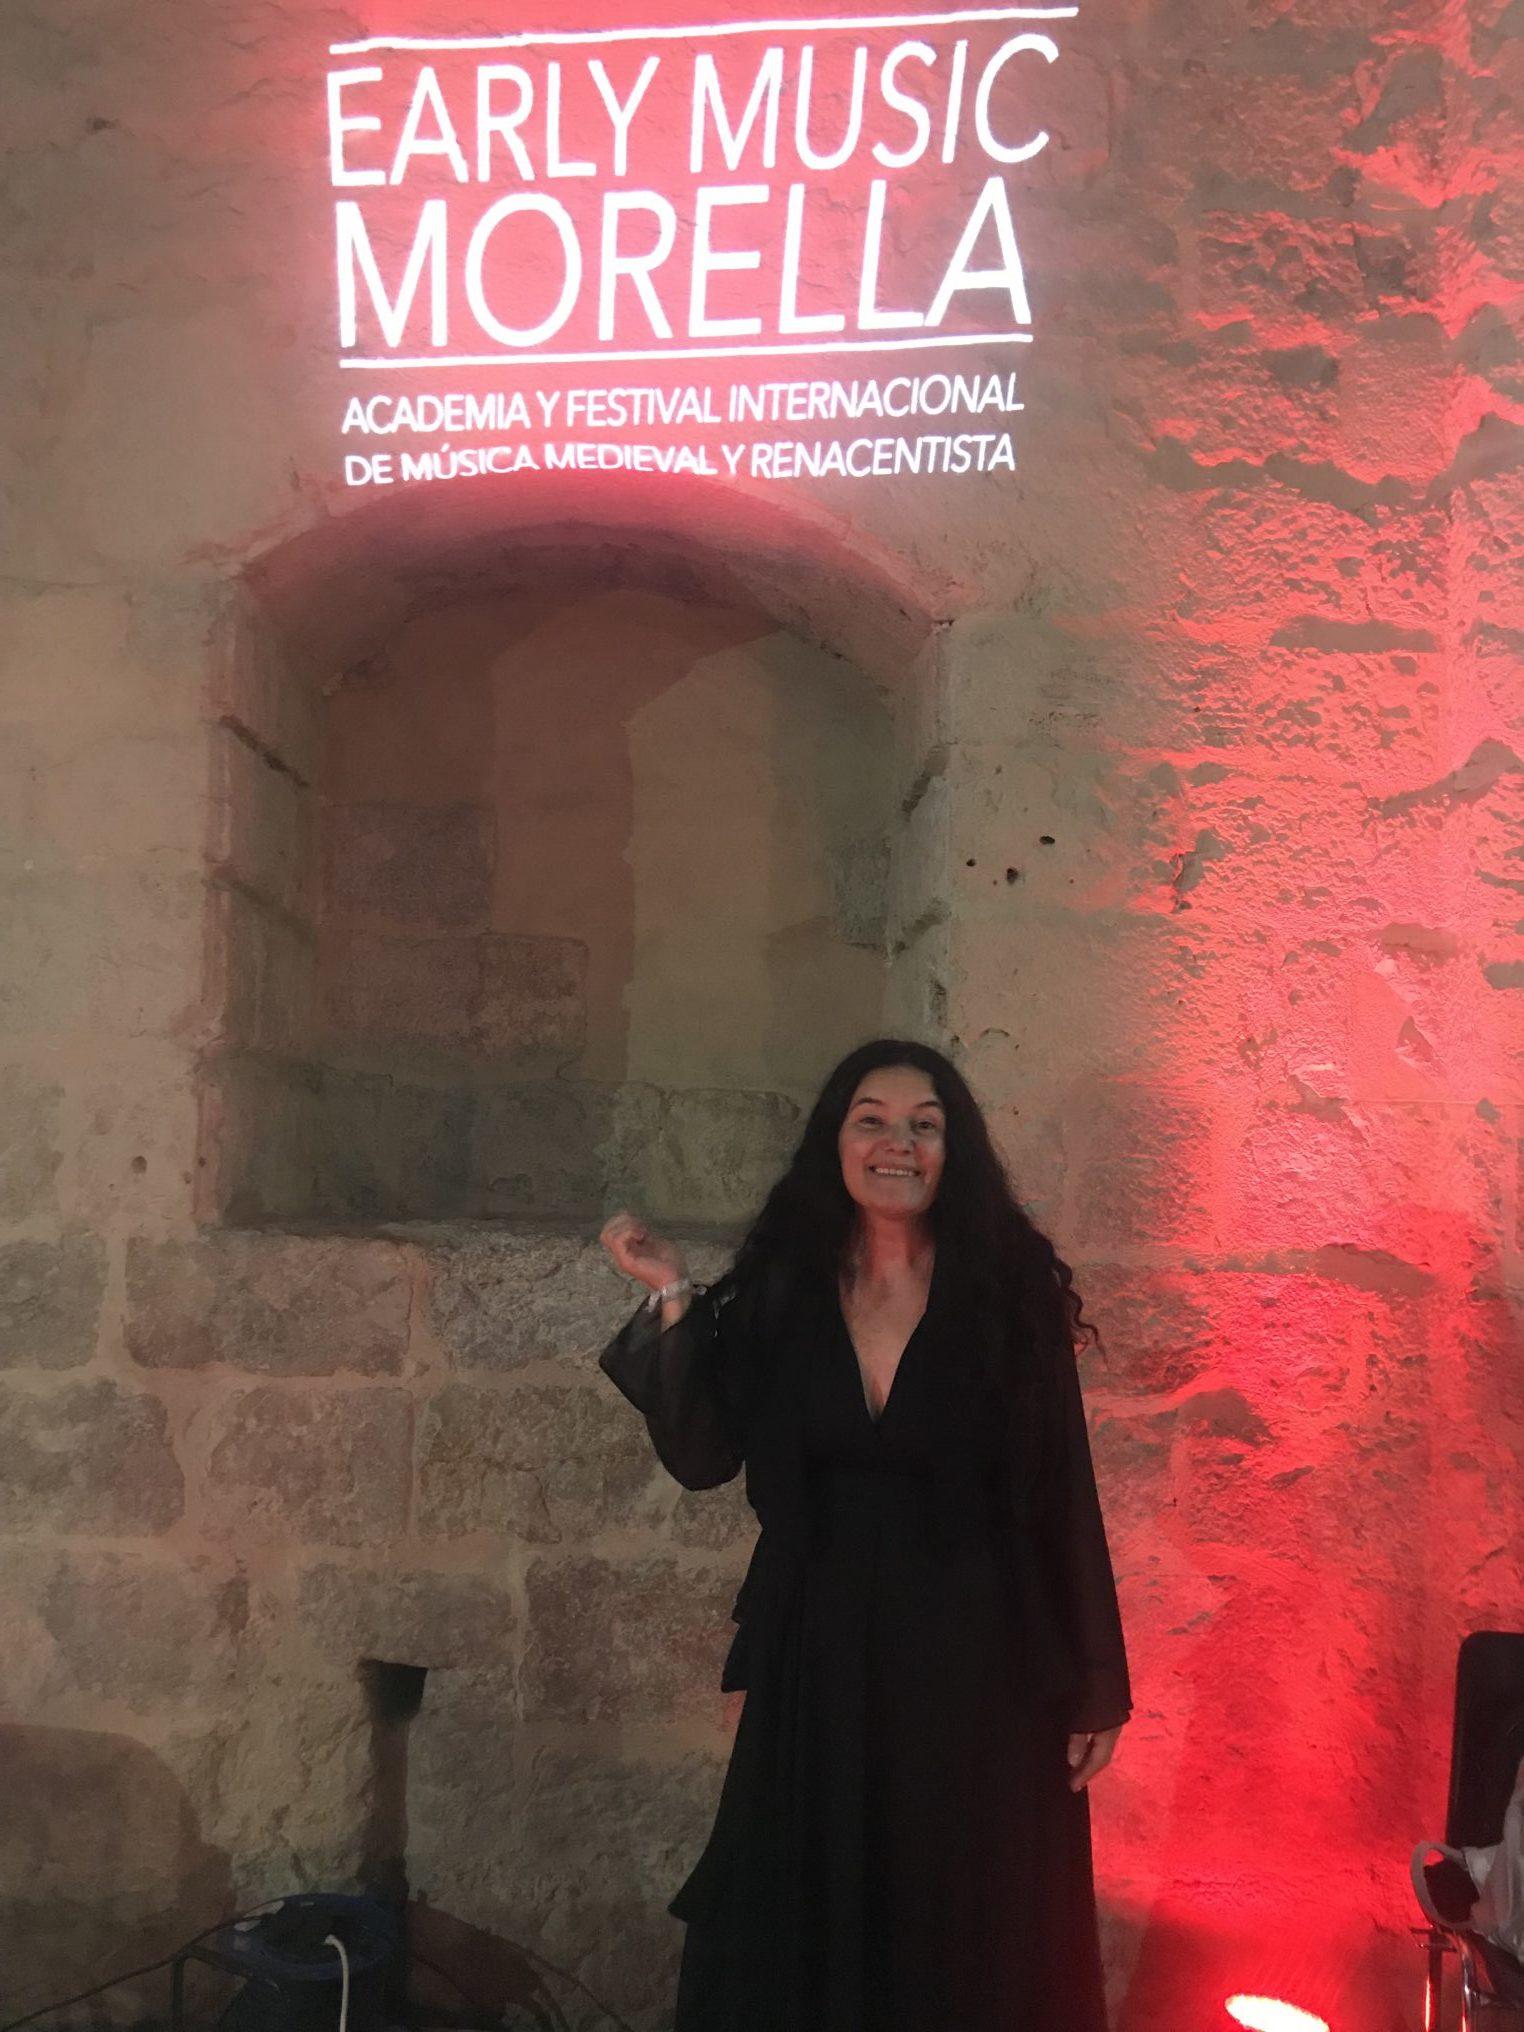 Early Music Morella, entre el sueño y la vigilia